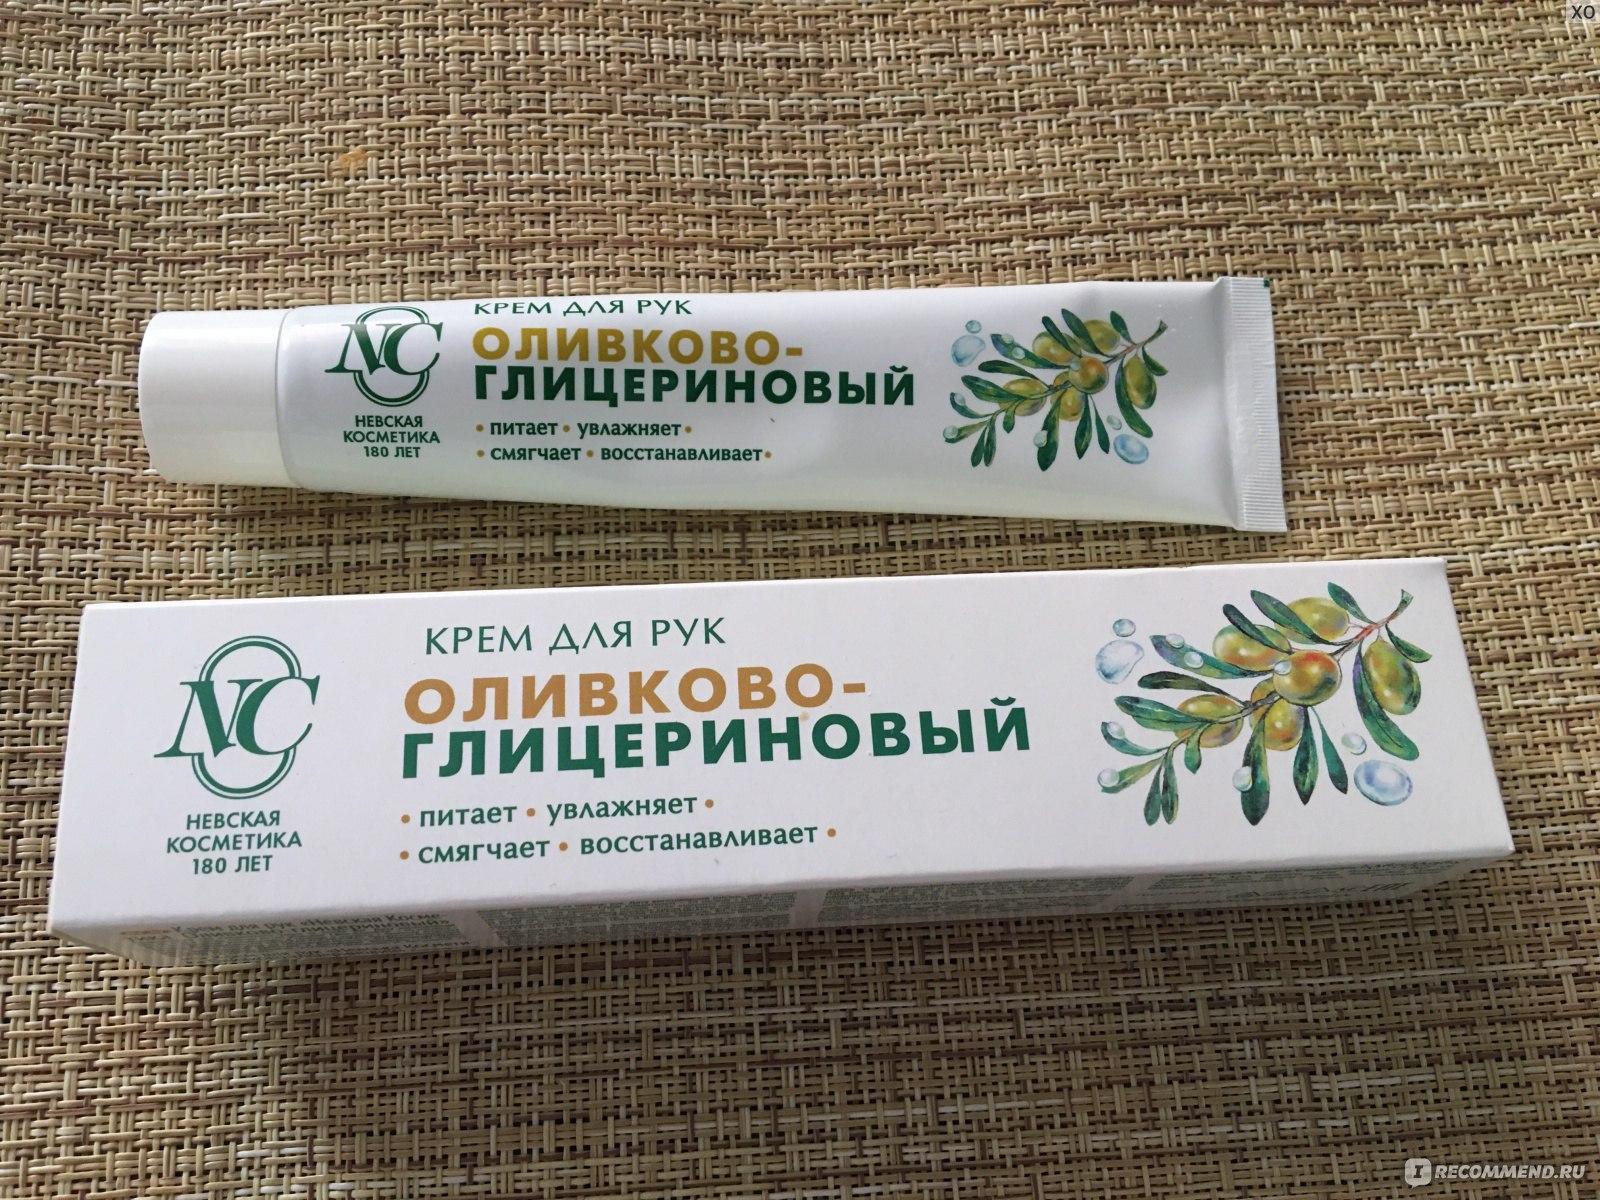 Невская косметика в тюмени где купить представителям компании эйвон